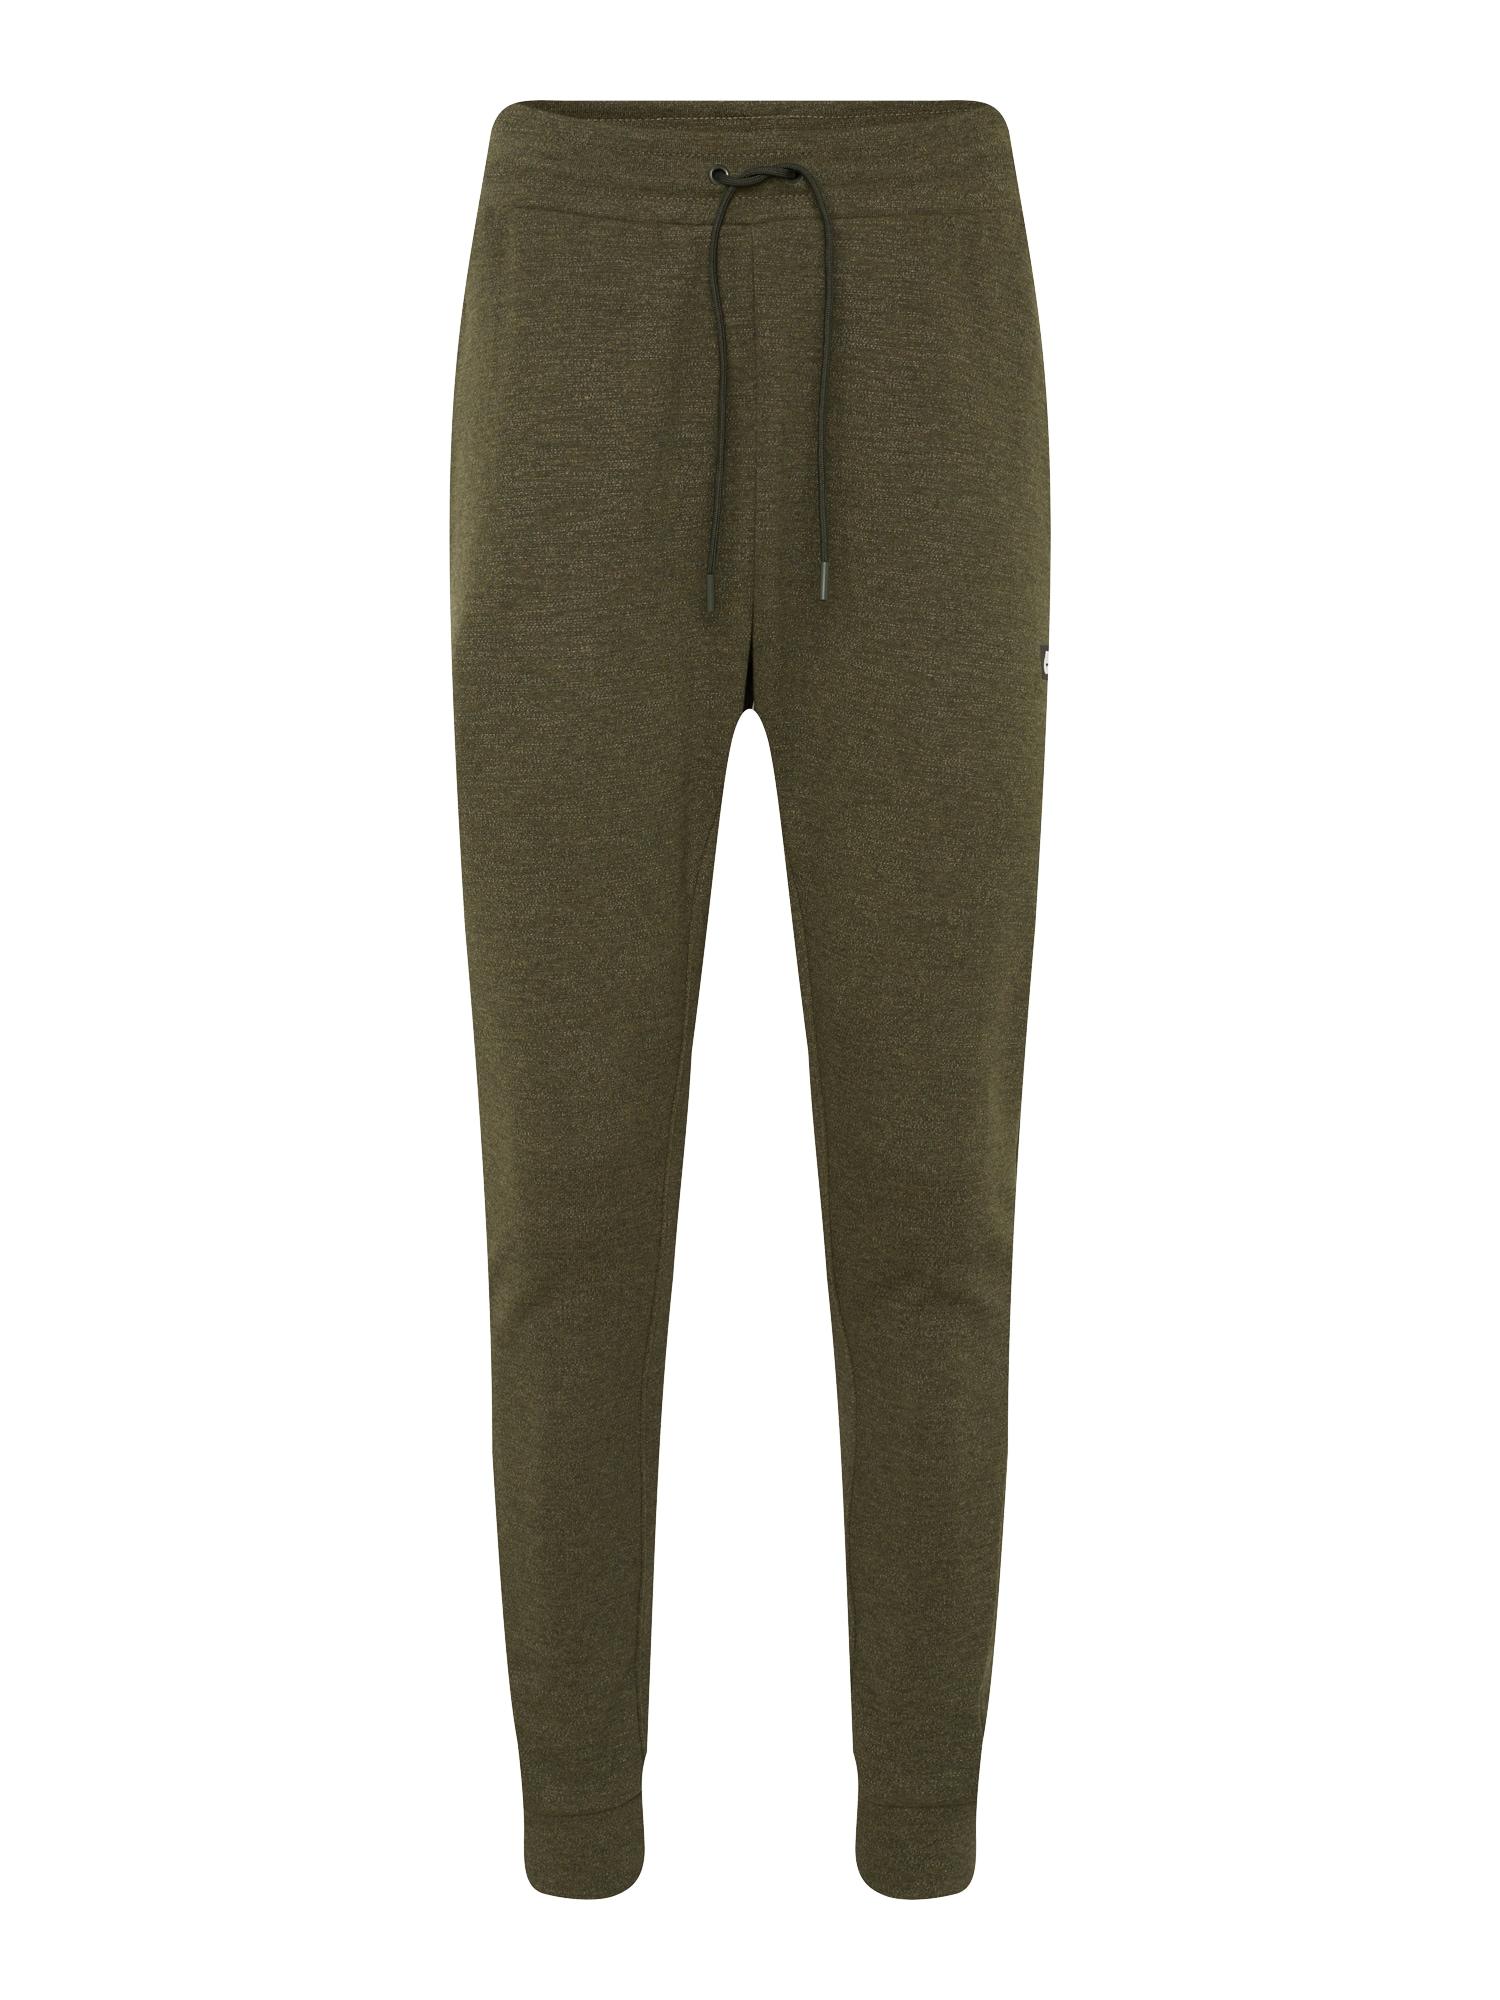 Kalhoty Optic khaki Nike Sportswear